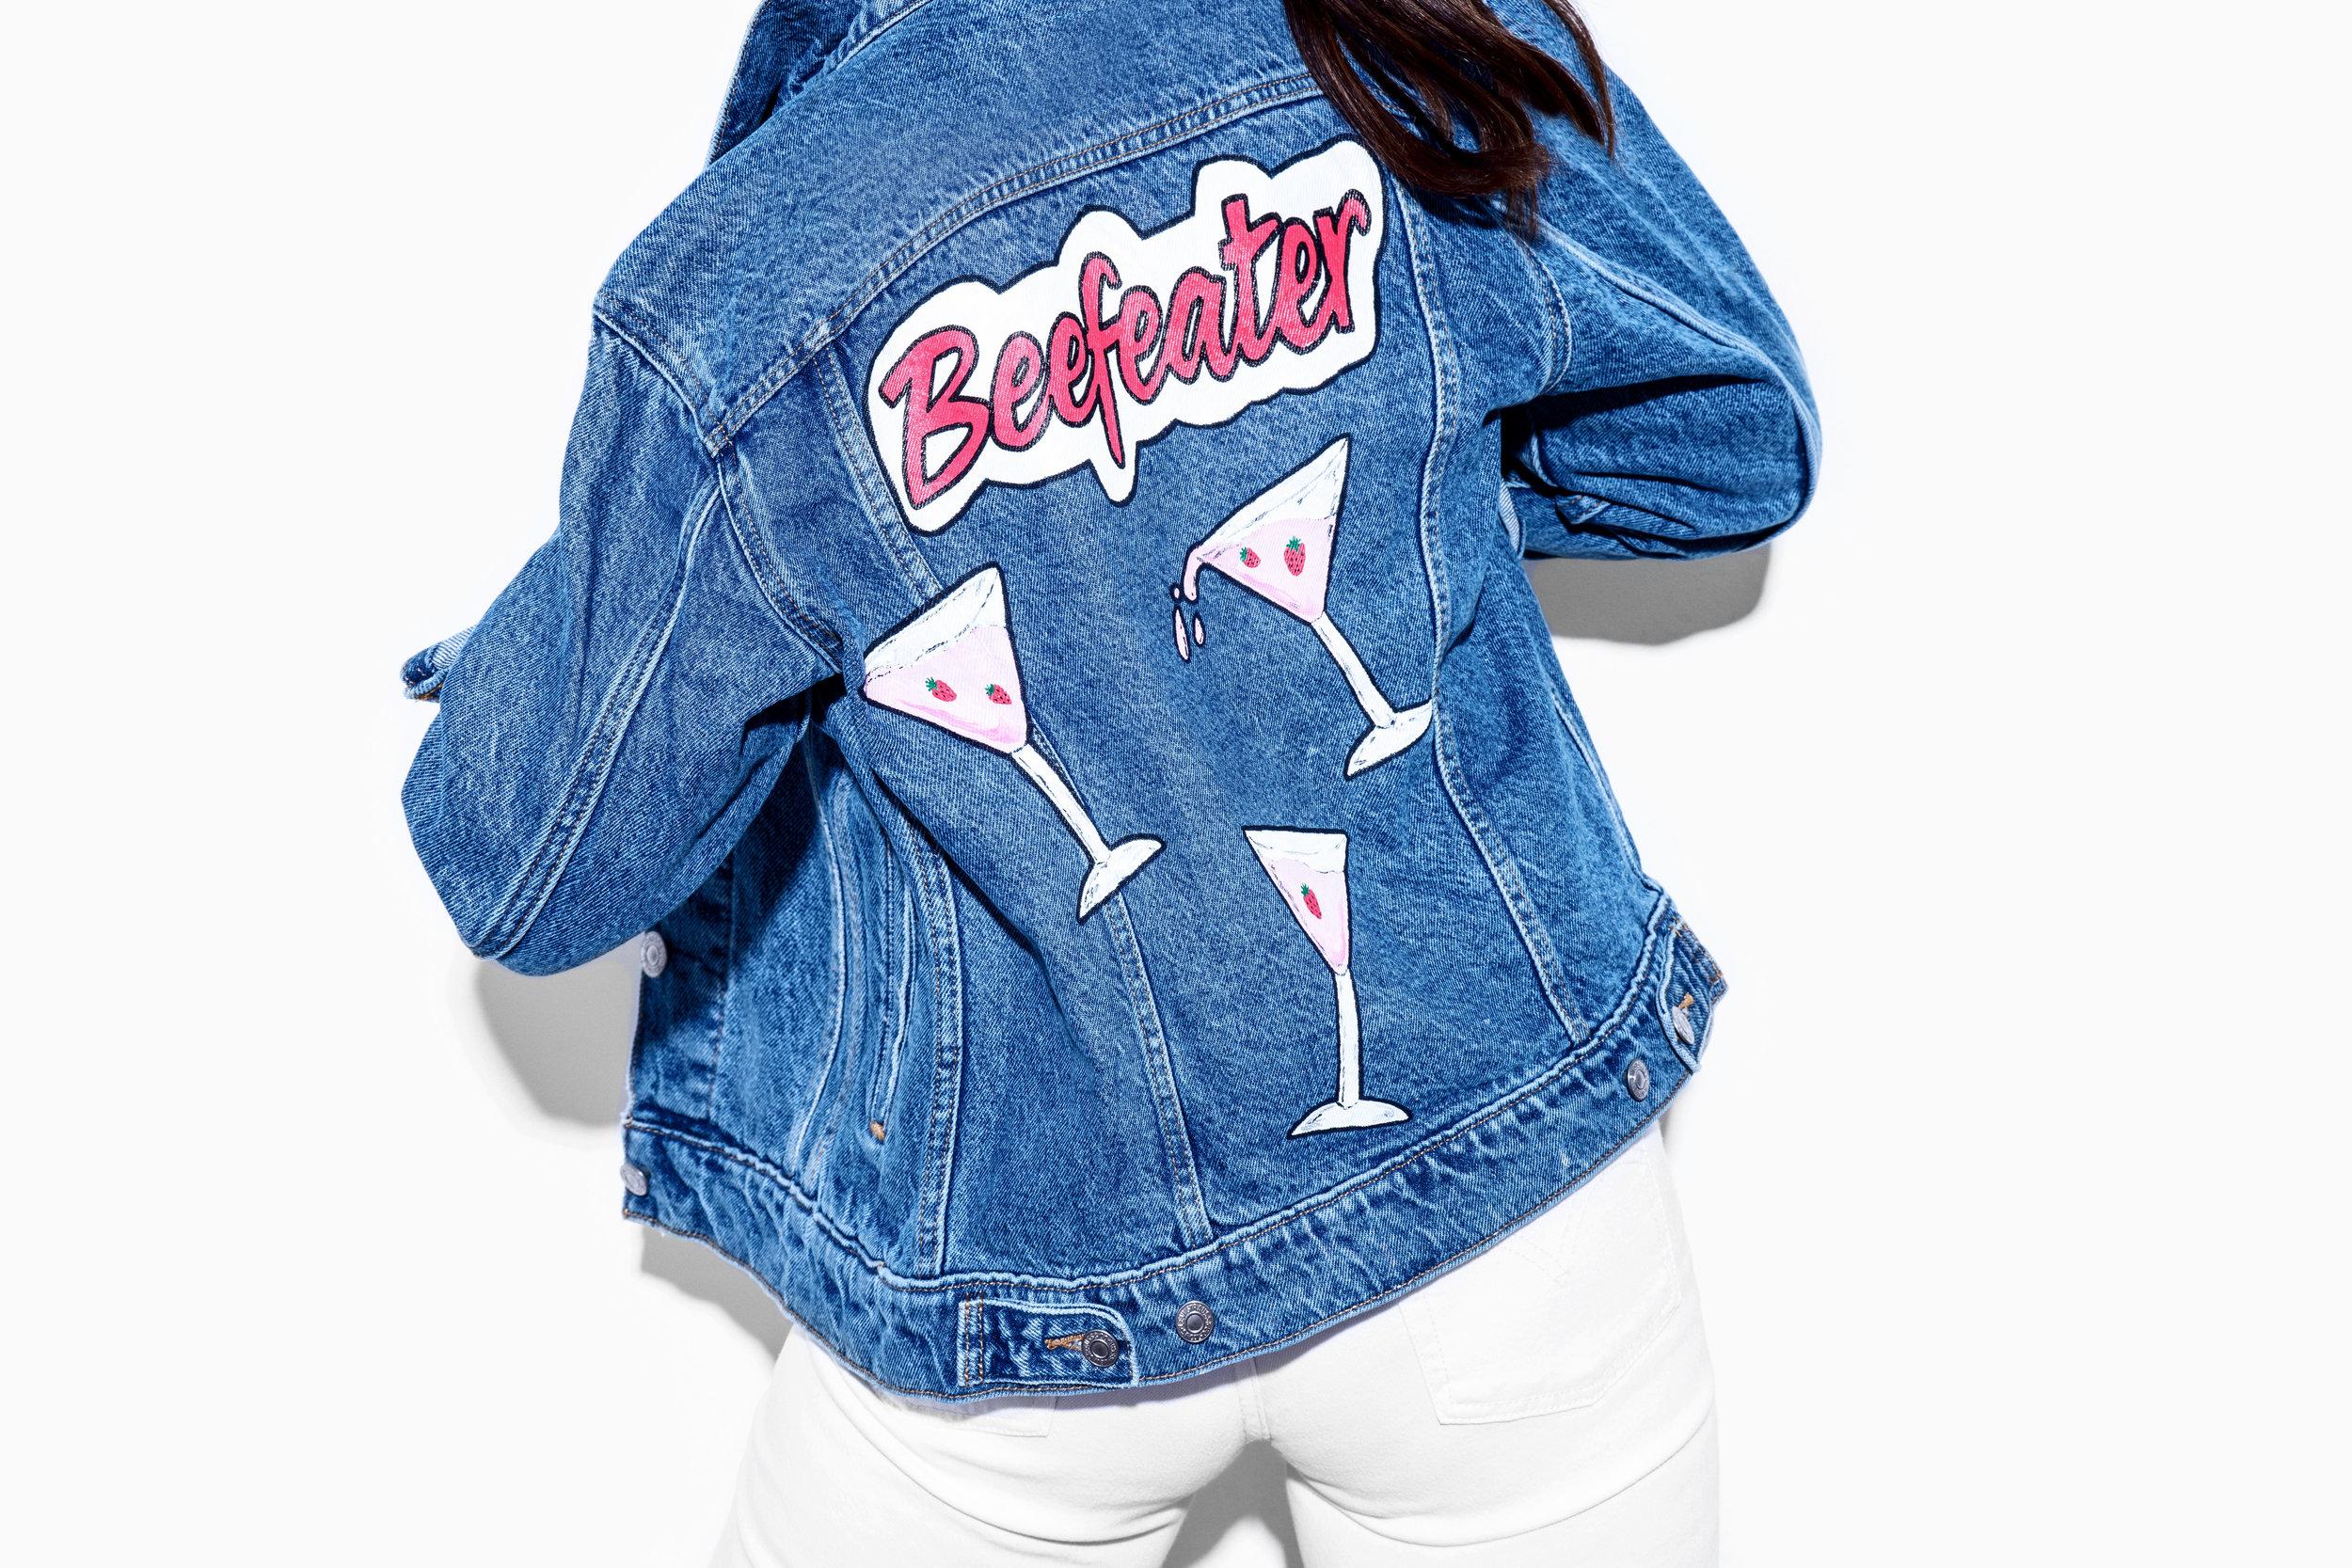 BeMixed / Swoon